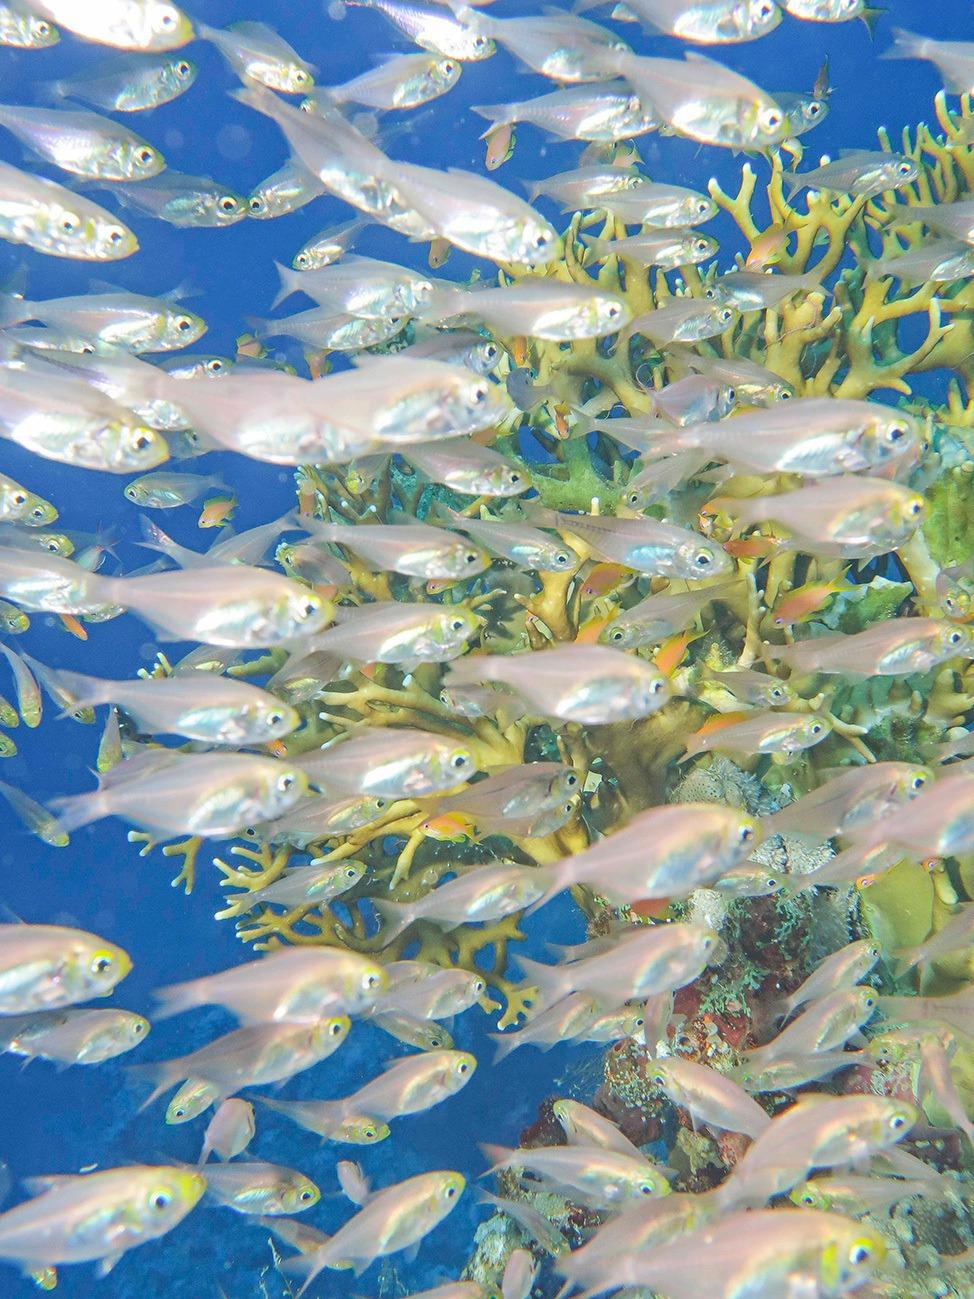 Top Scuba Diving Liveaboard Tips